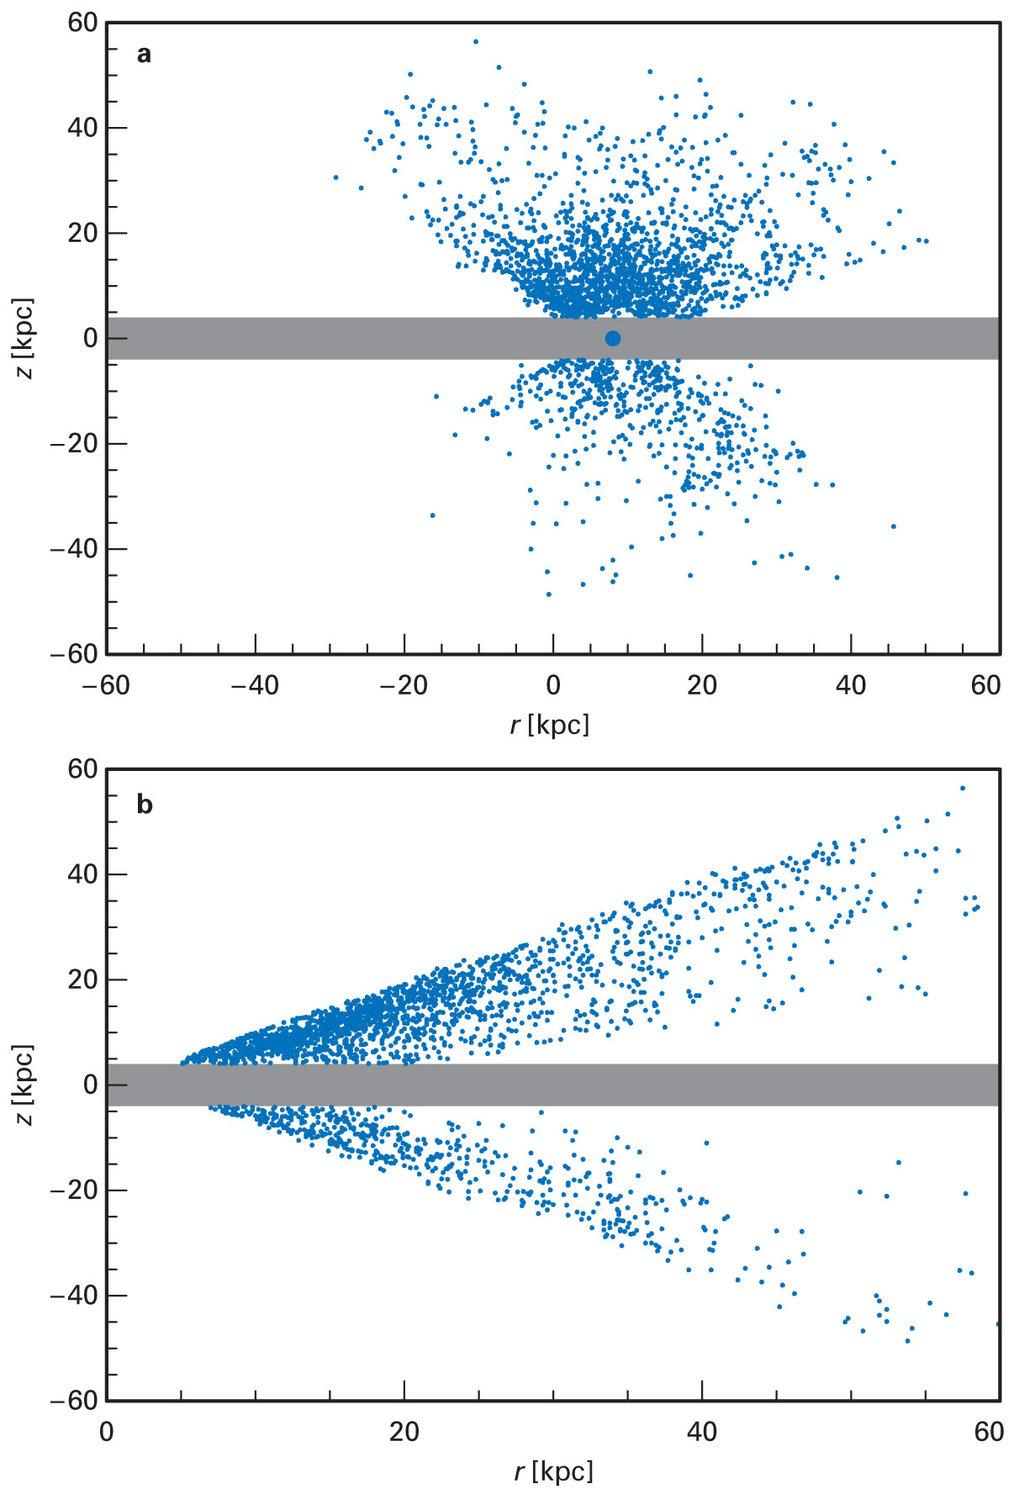 (a) Verteilung der untersuchten BHB-Sterne in der x-z–Ebene des Milchstraßensystems. (b) Abstände der BHB-Sterne vom galaktischen Zentrum.